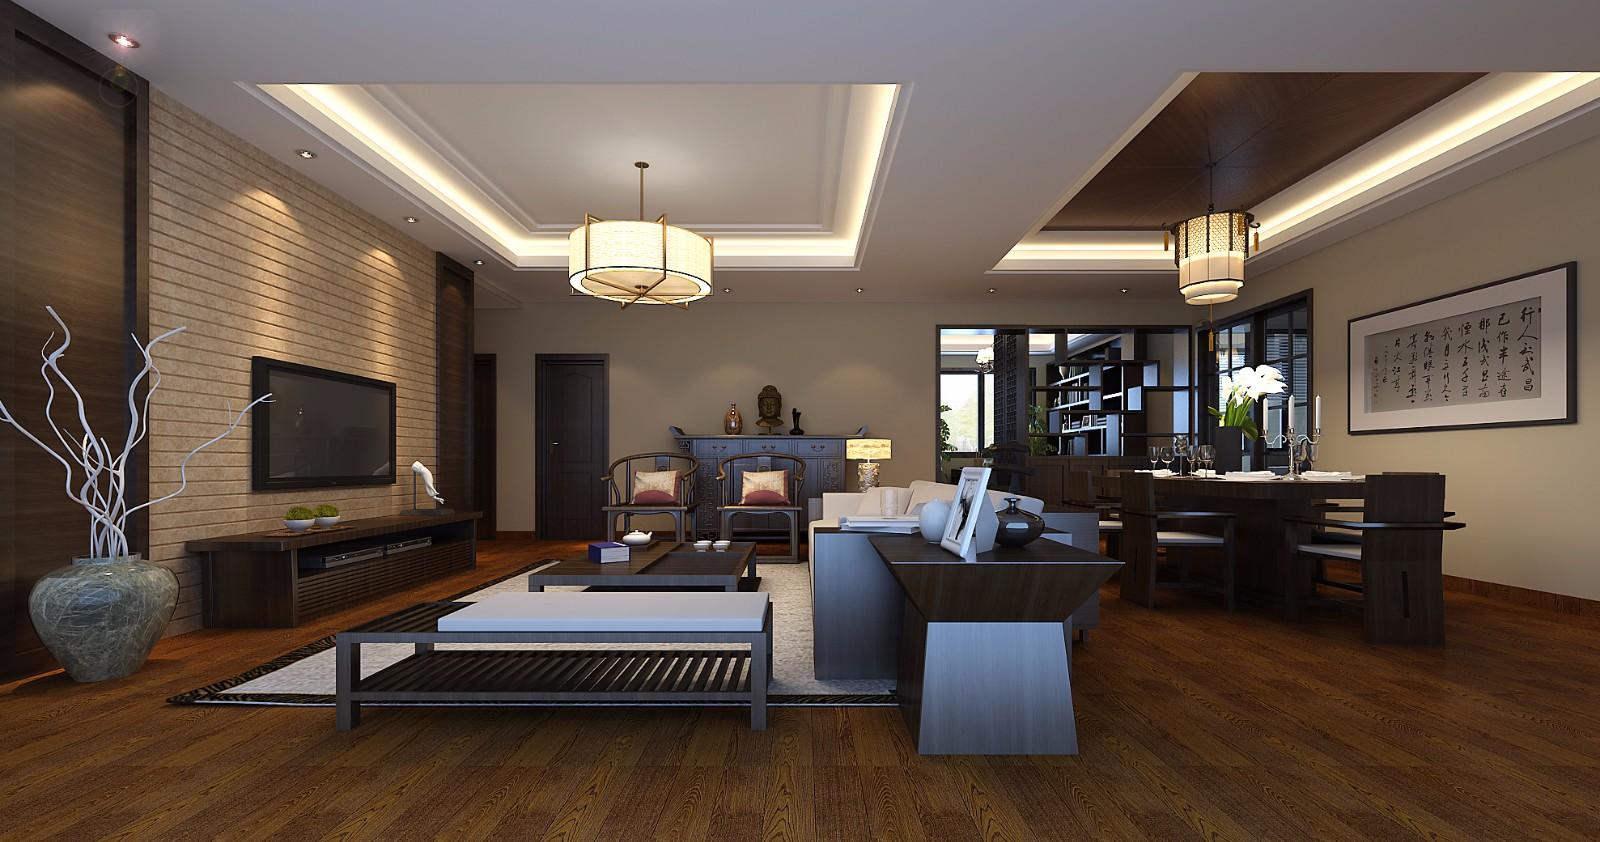 房子装修|小章教您九种方法如何处理好客厅